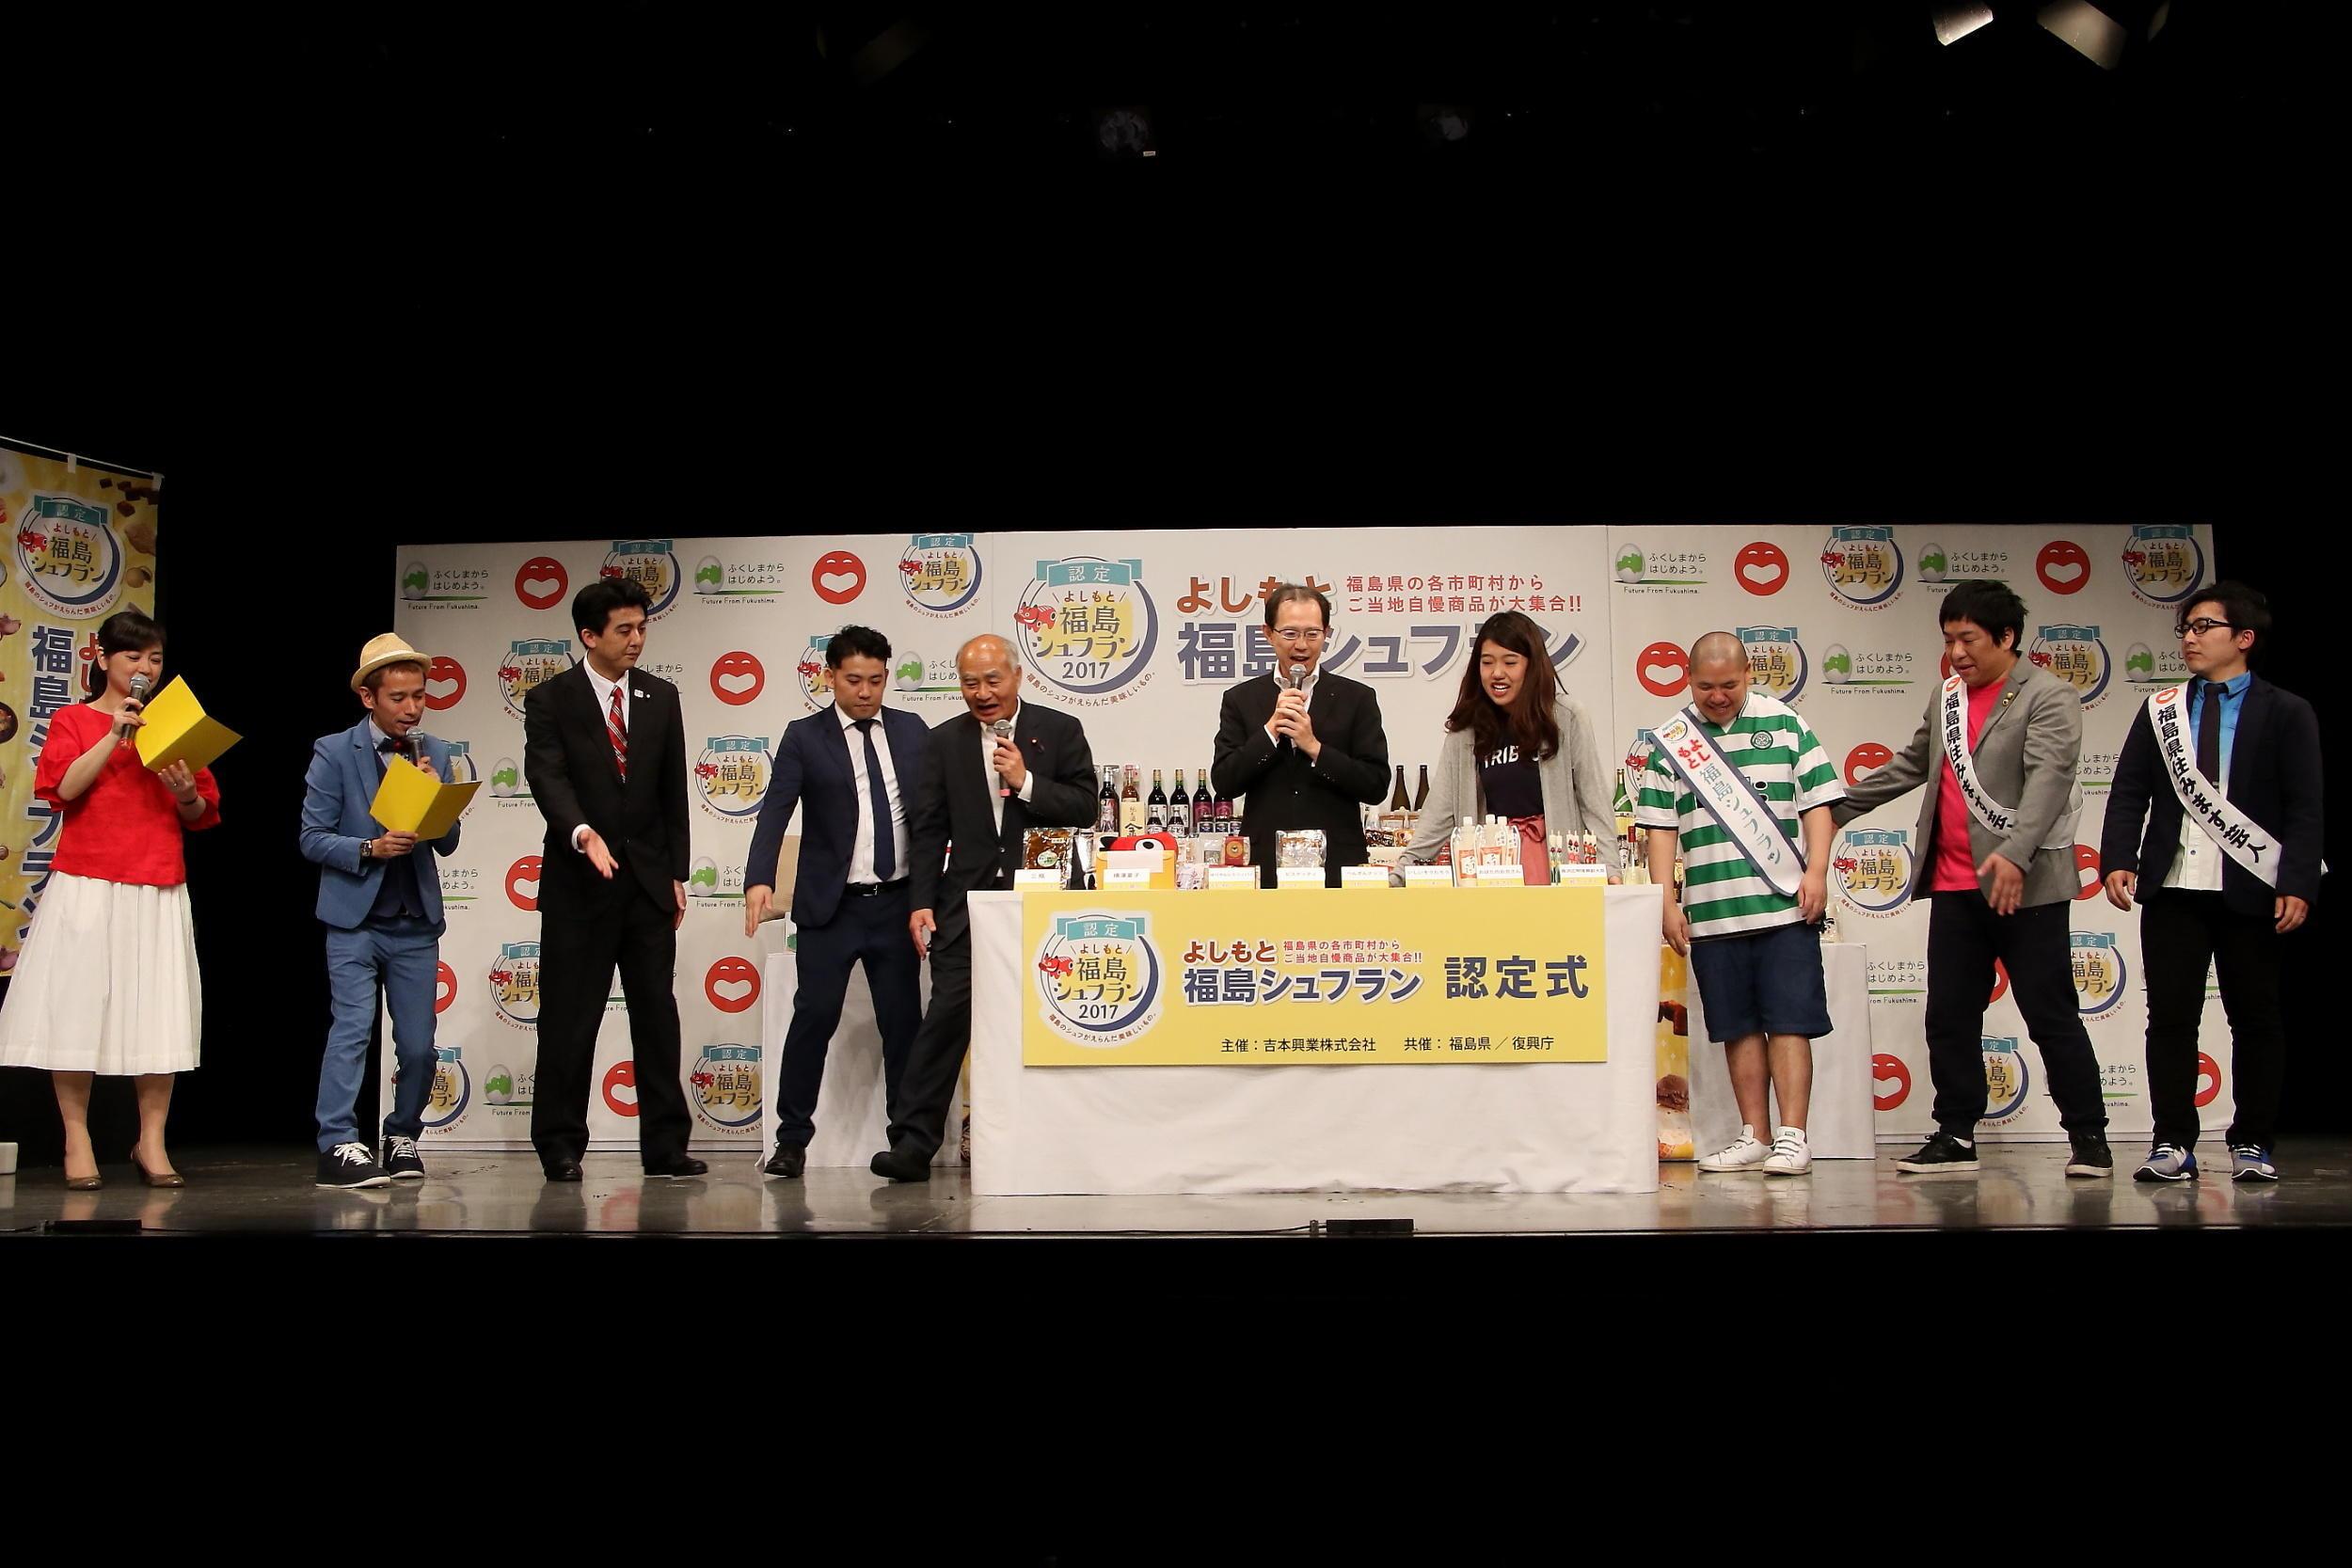 http://news.yoshimoto.co.jp/20170603005225-a66cf1db153061bdbed4e7b19c9f4870dcc31262.jpg